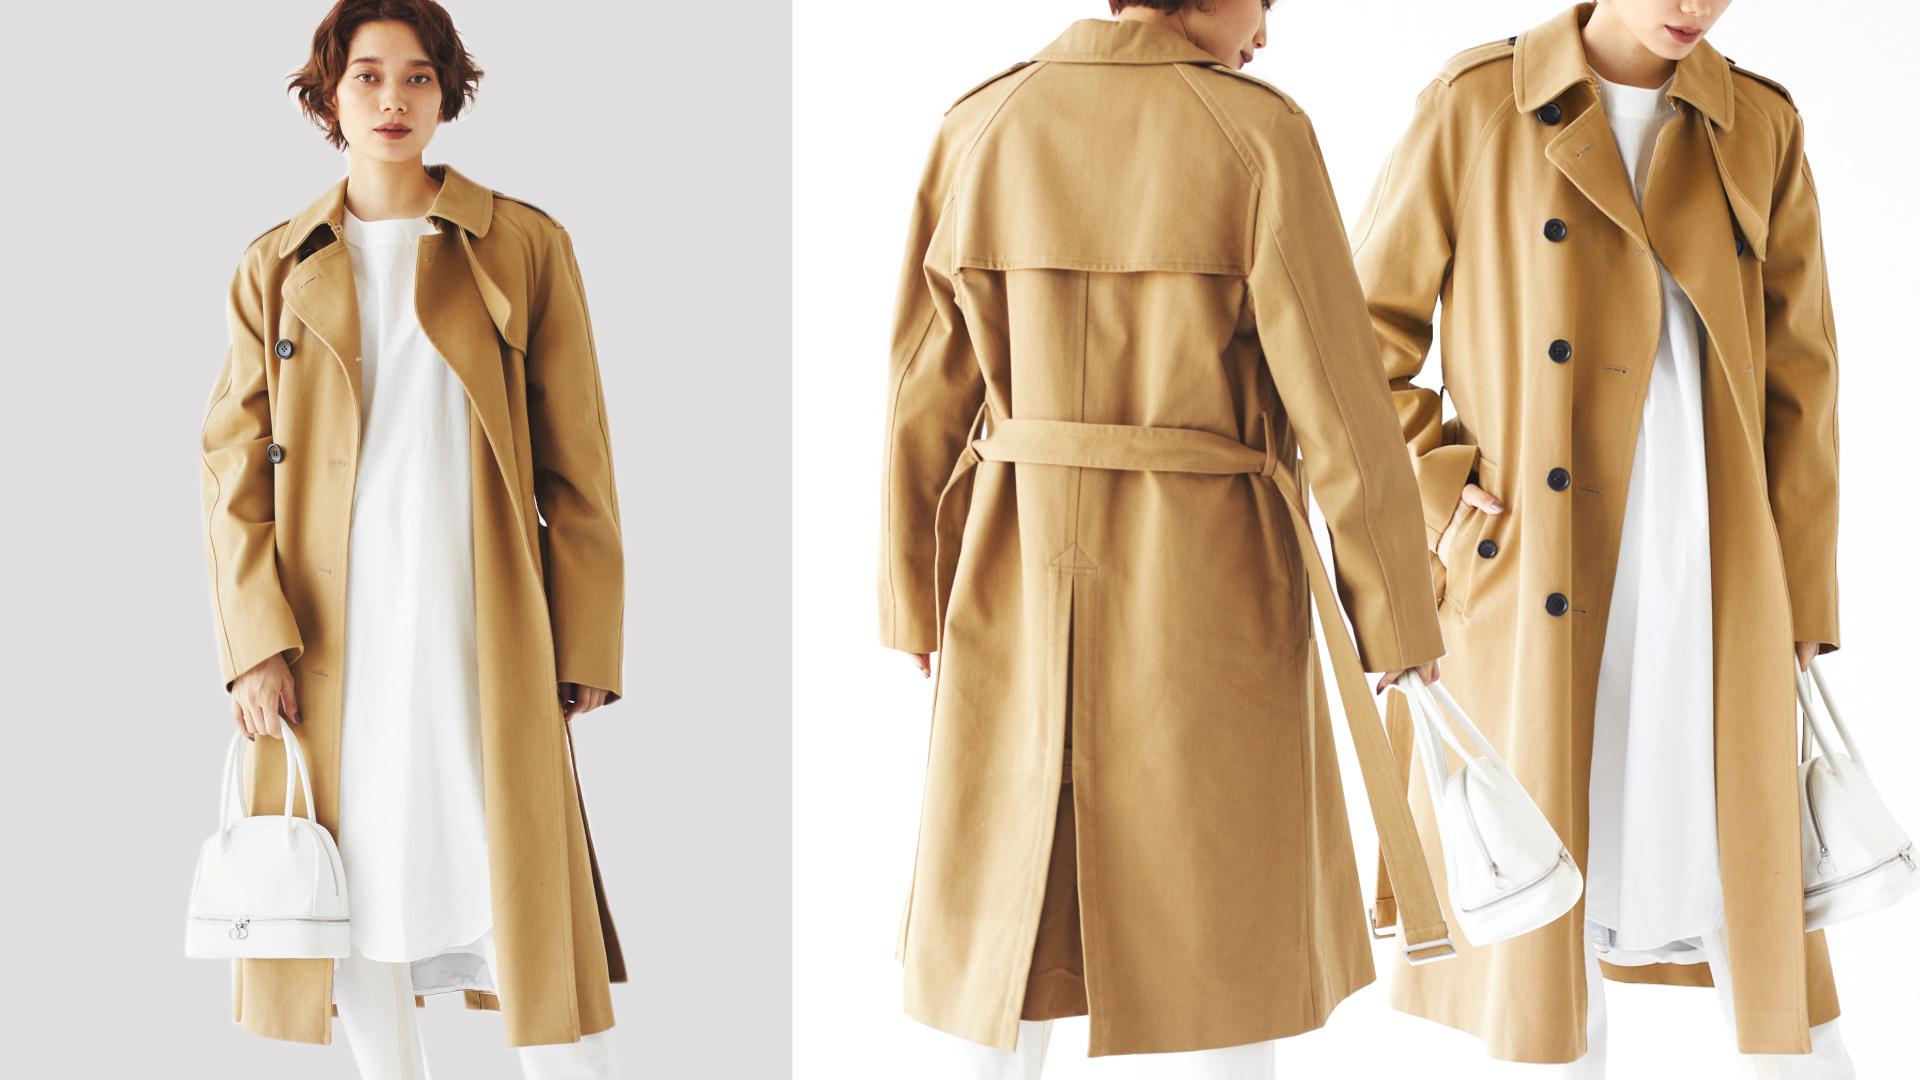 今年のトレンチはオーバーサイズを狙う!360度美しいitコートは?